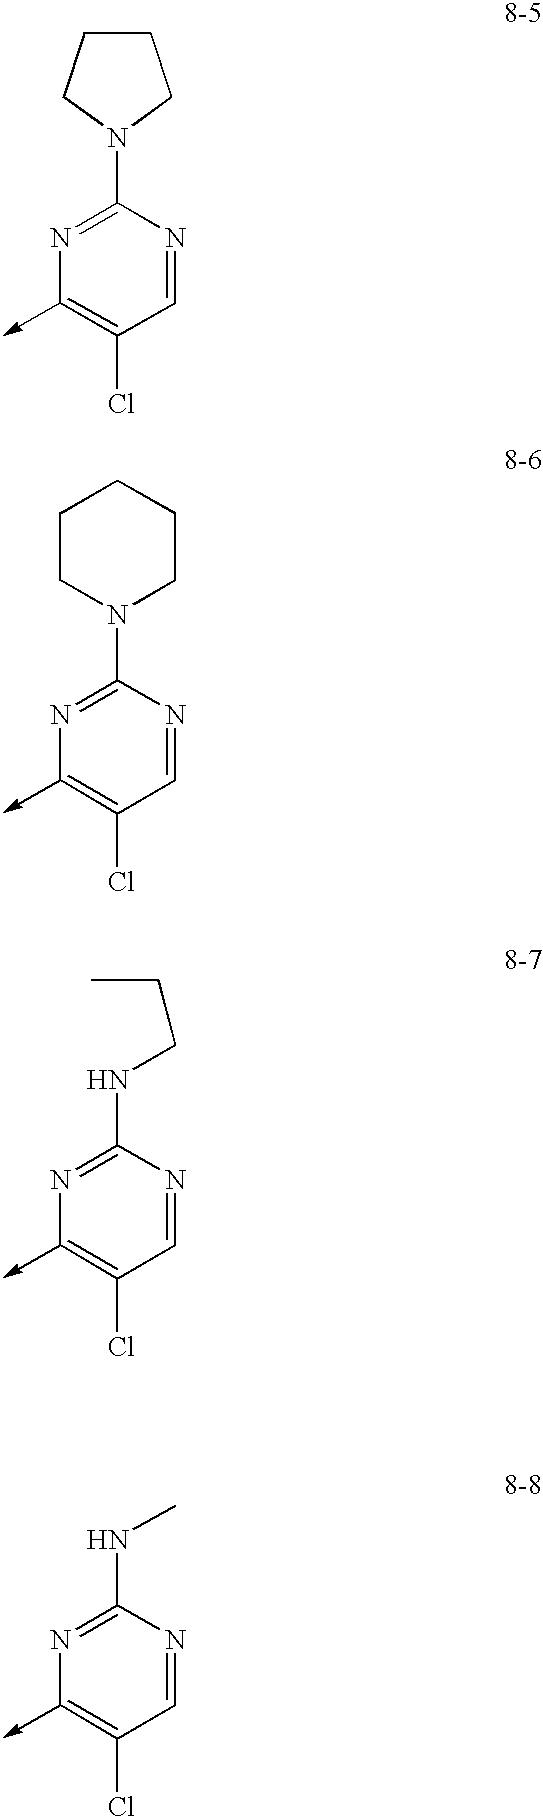 Figure US06855706-20050215-C00034